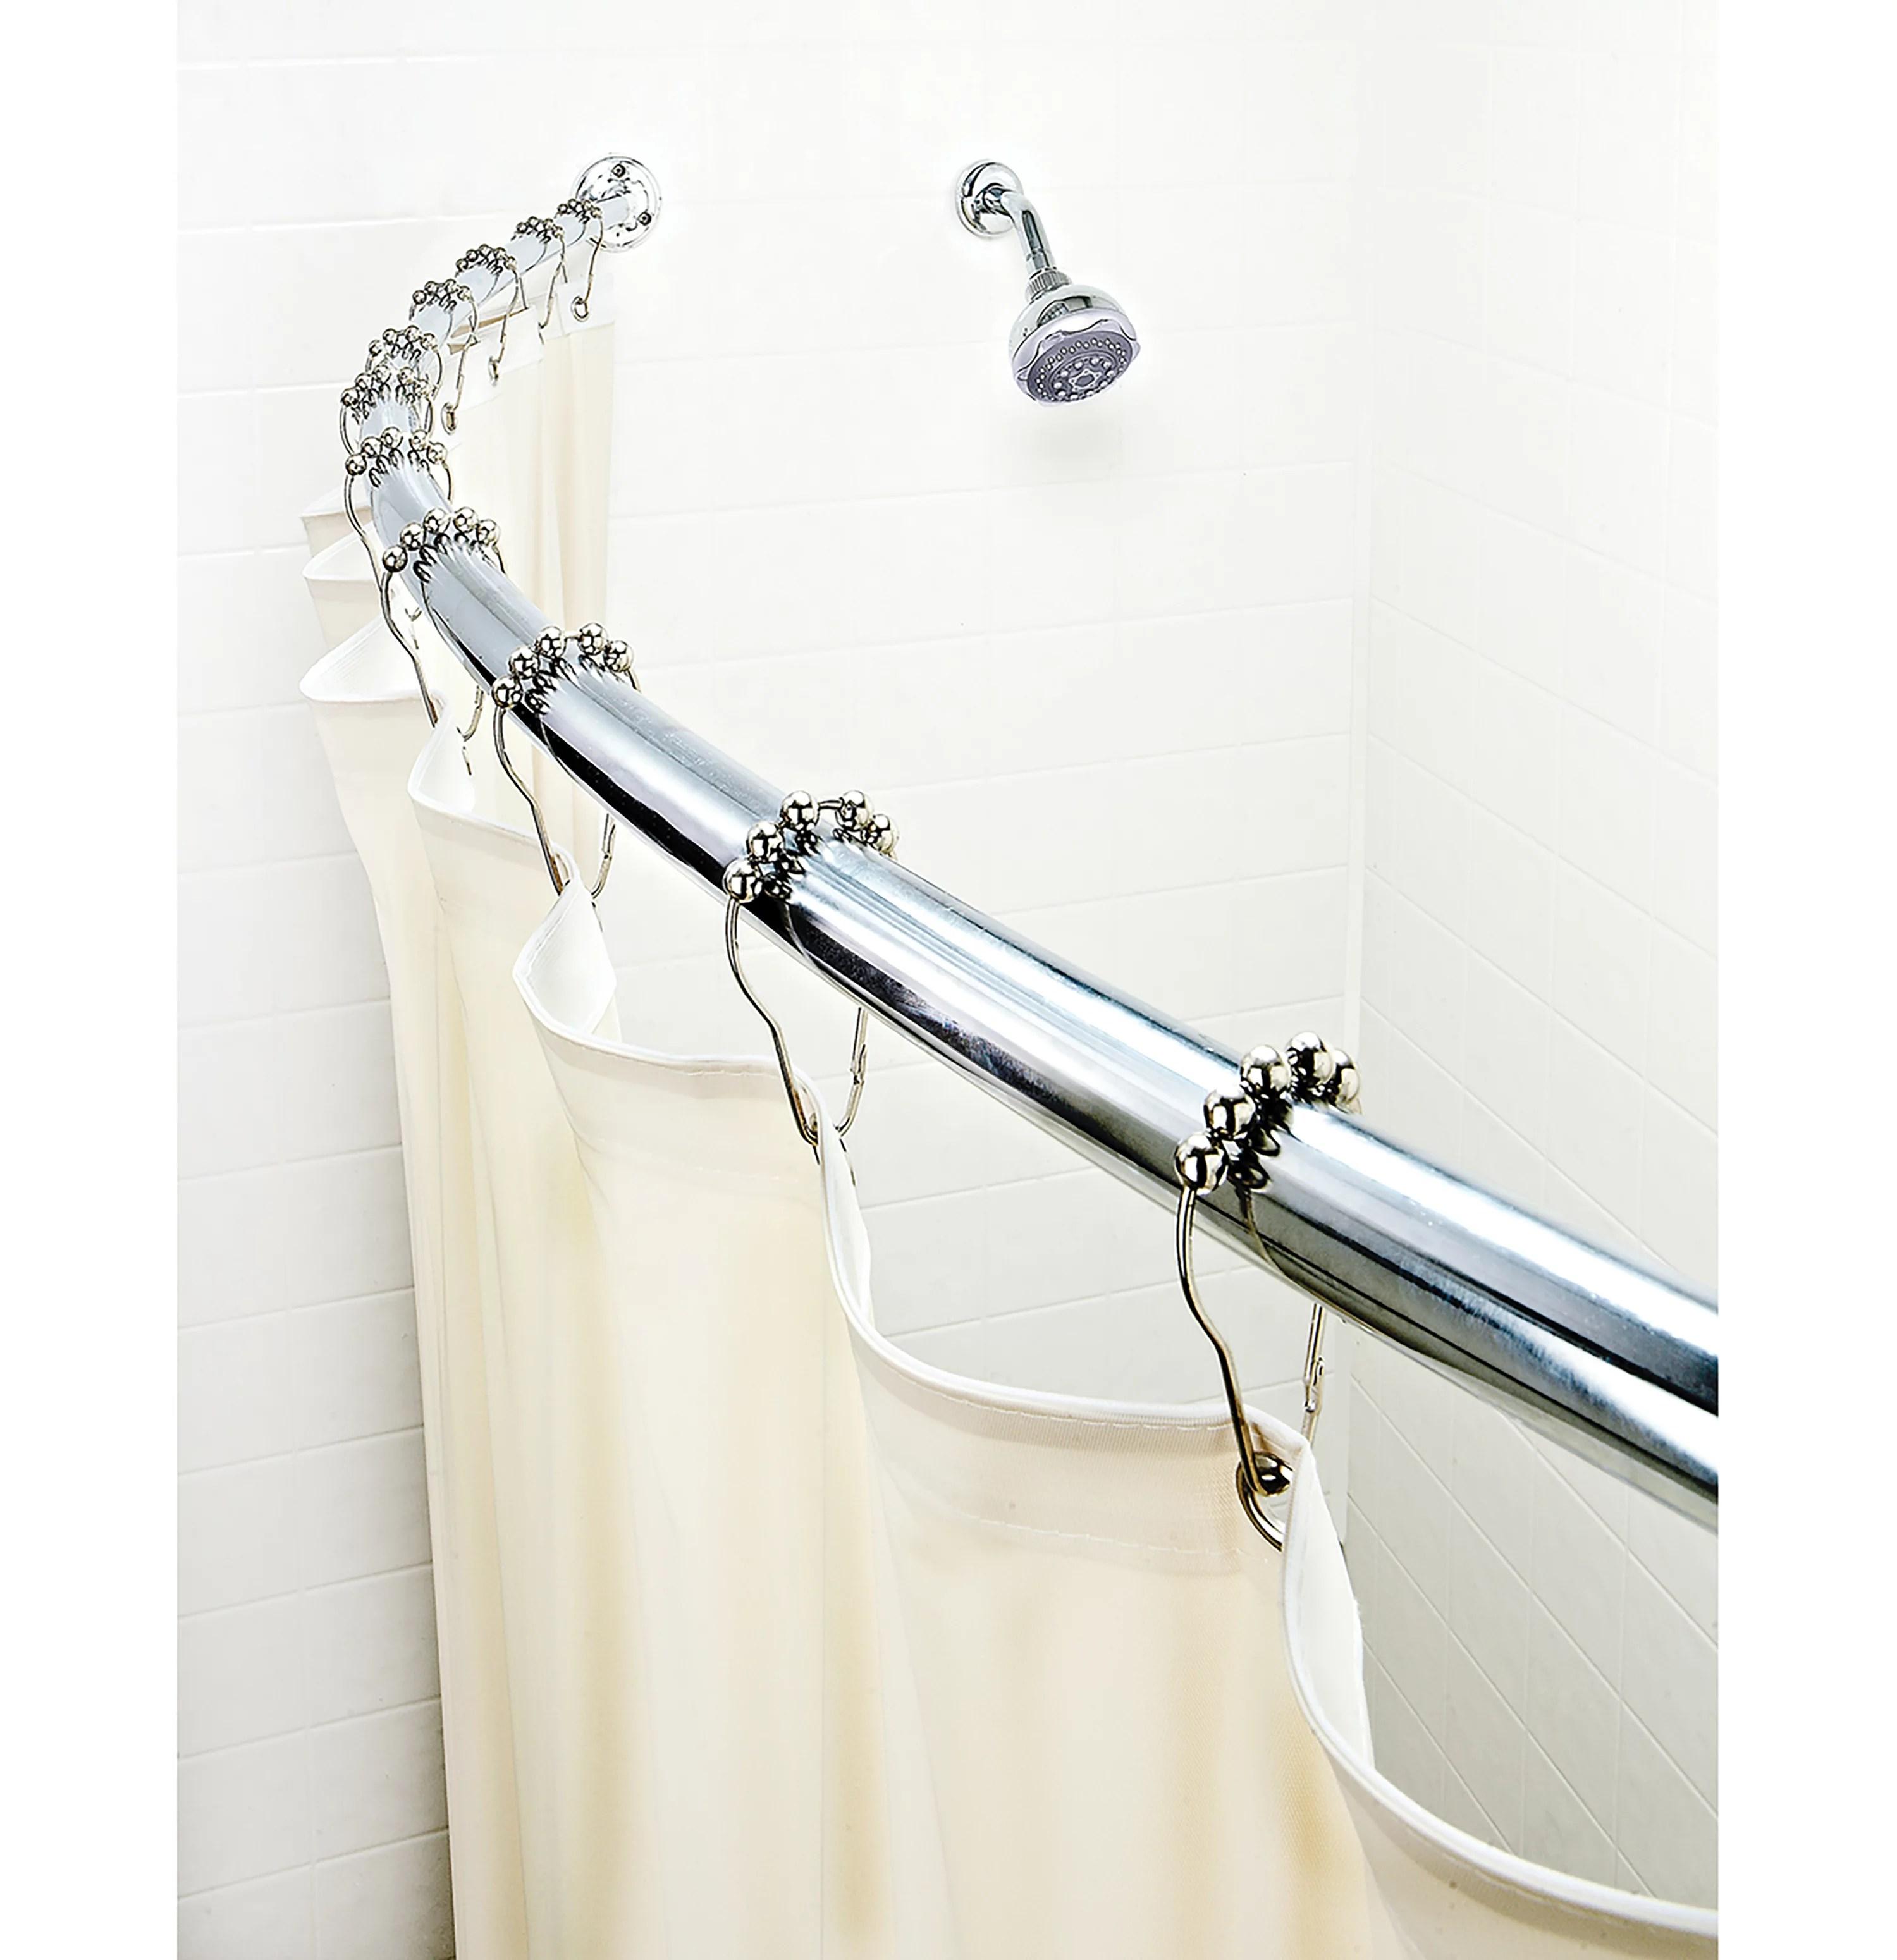 bath bliss curved chrome shower rod walmart com walmart com